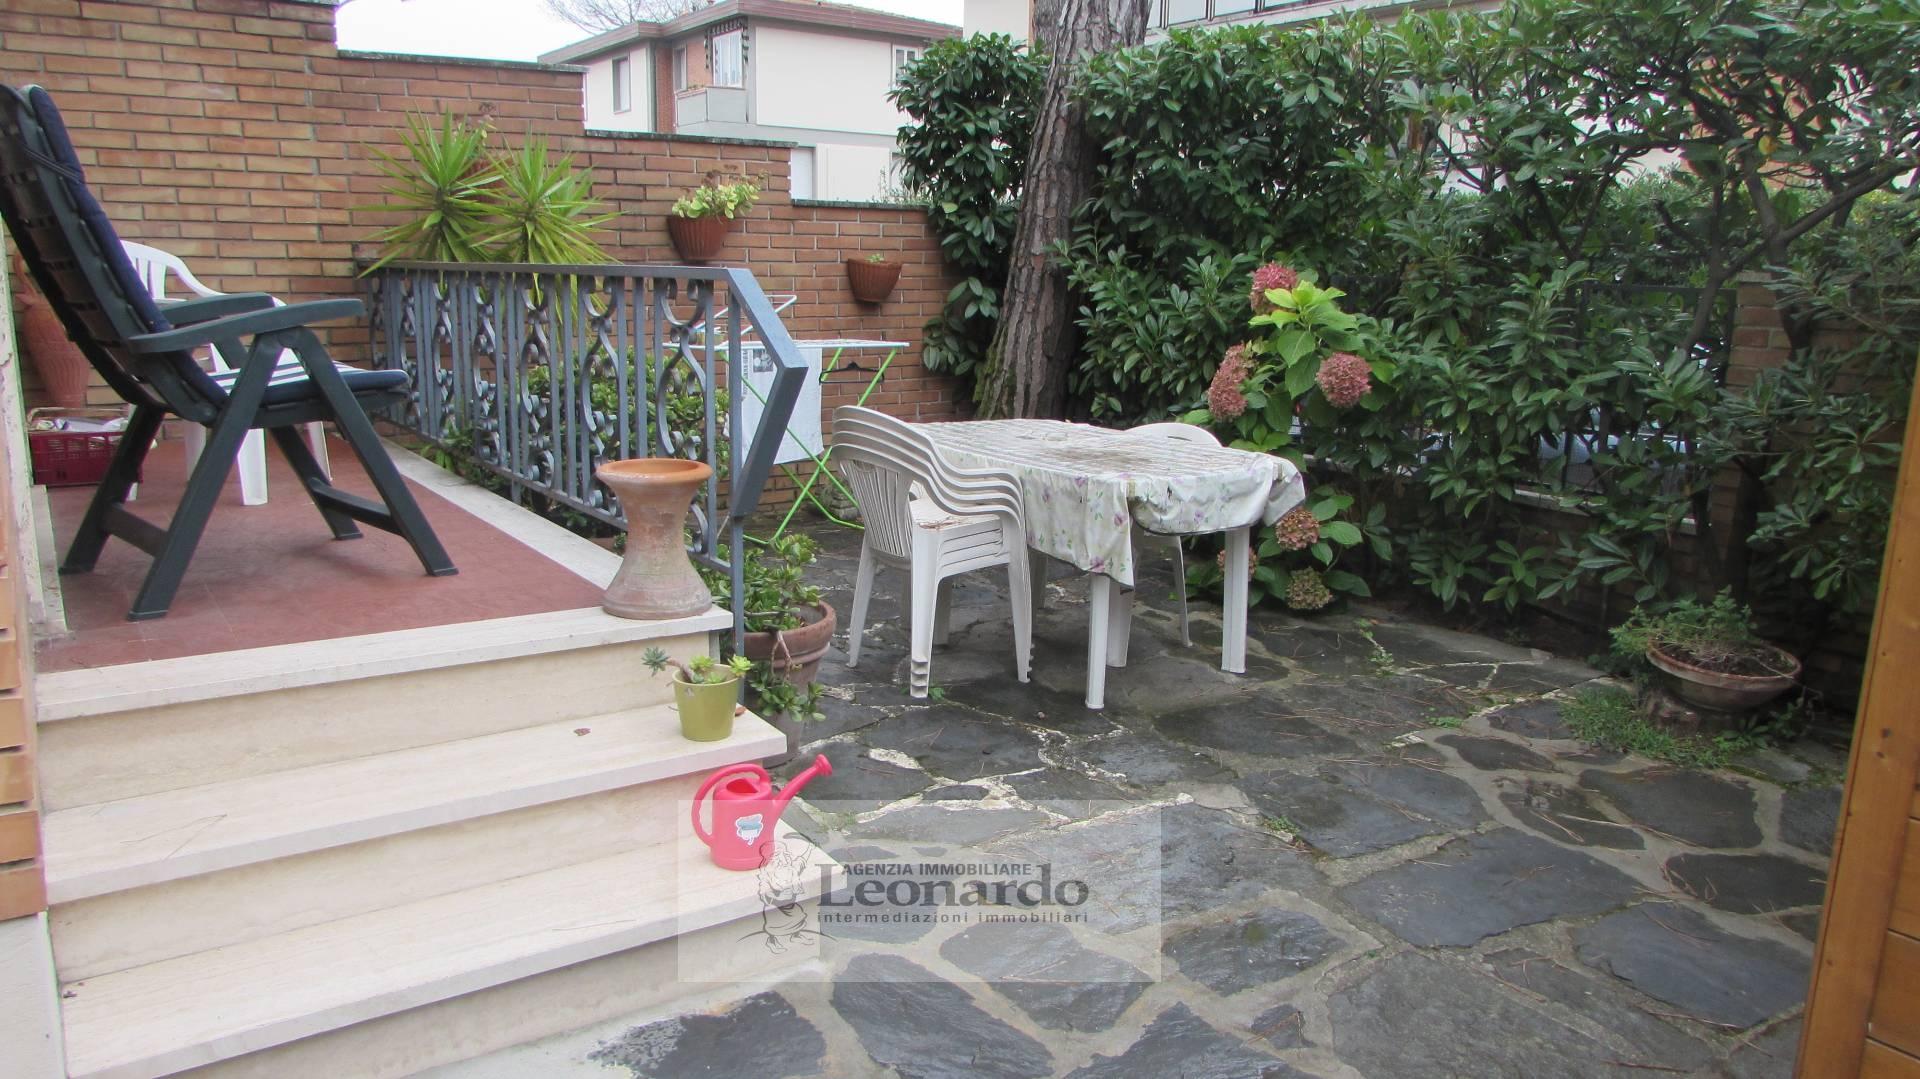 Soluzione Indipendente in vendita a Camaiore, 5 locali, zona Località: LidodiCamaiore, prezzo € 495.000 | CambioCasa.it